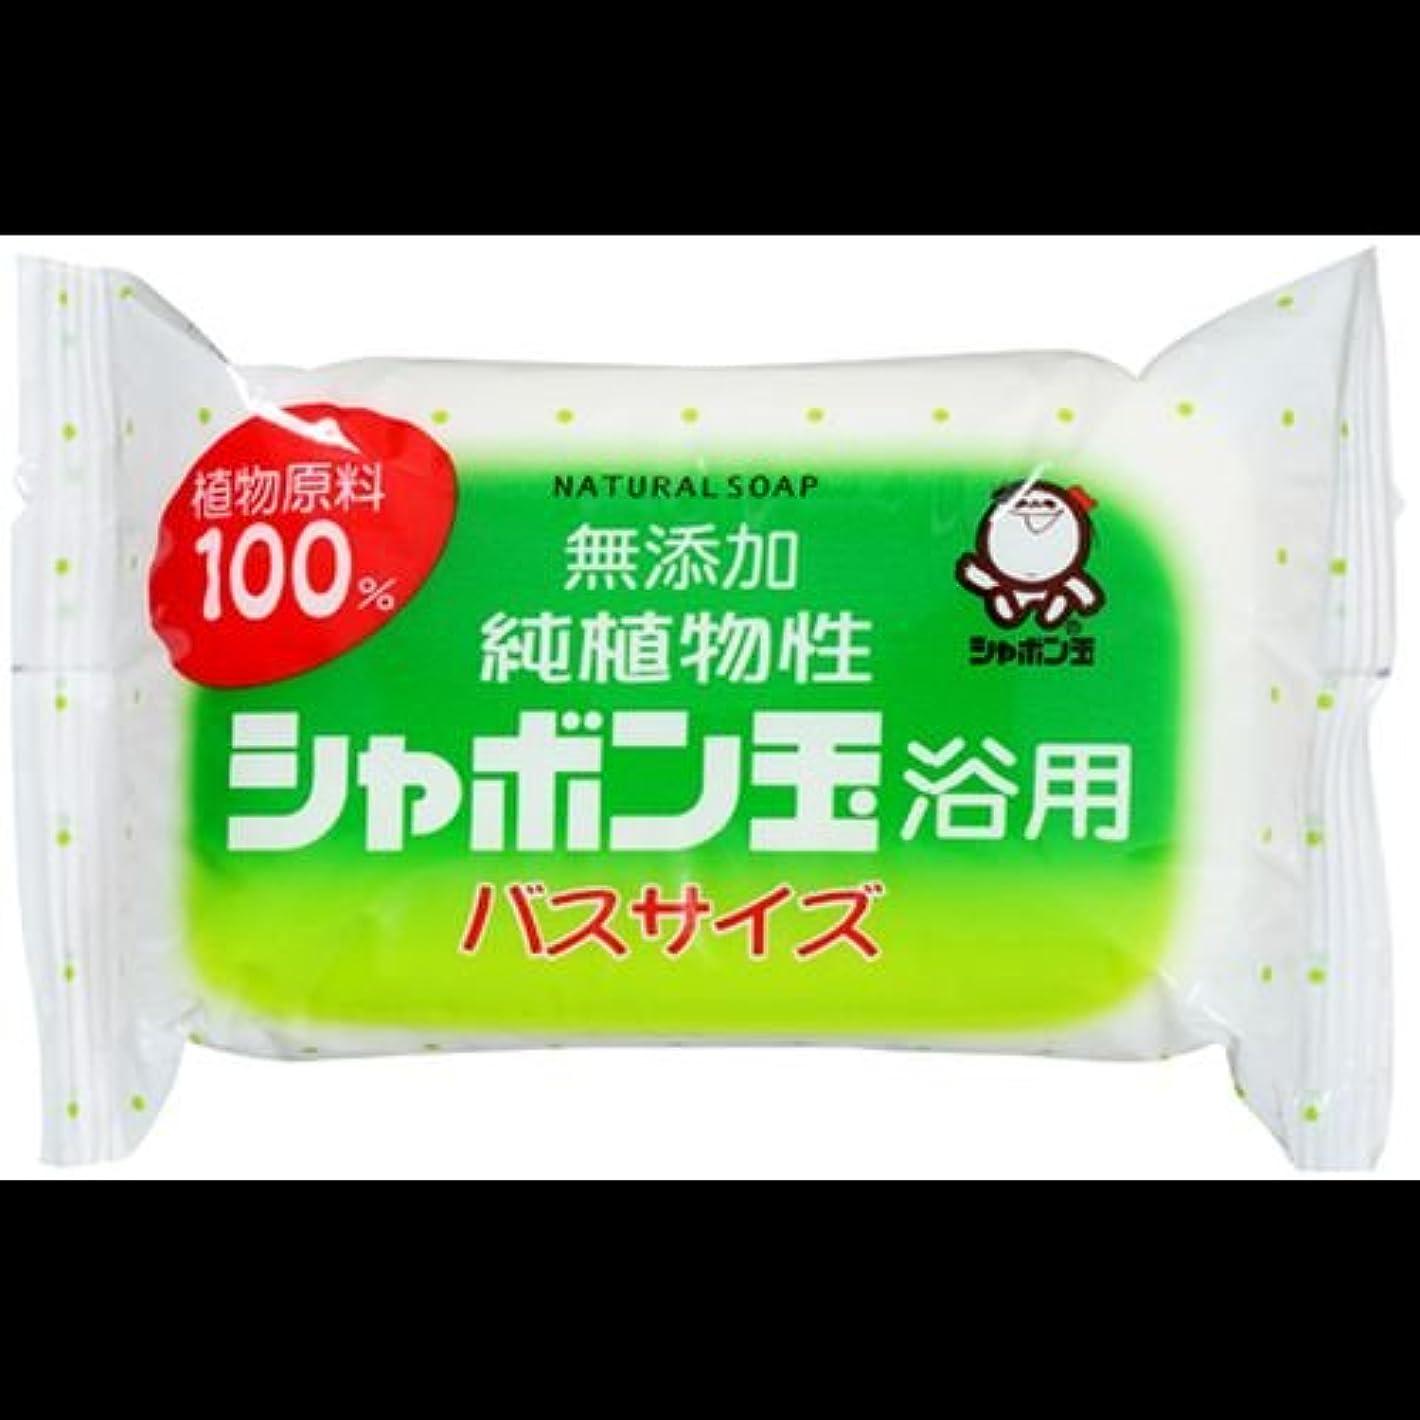 【まとめ買い】純植物性シャボン玉 浴用 バスサイズ155g ×2セット